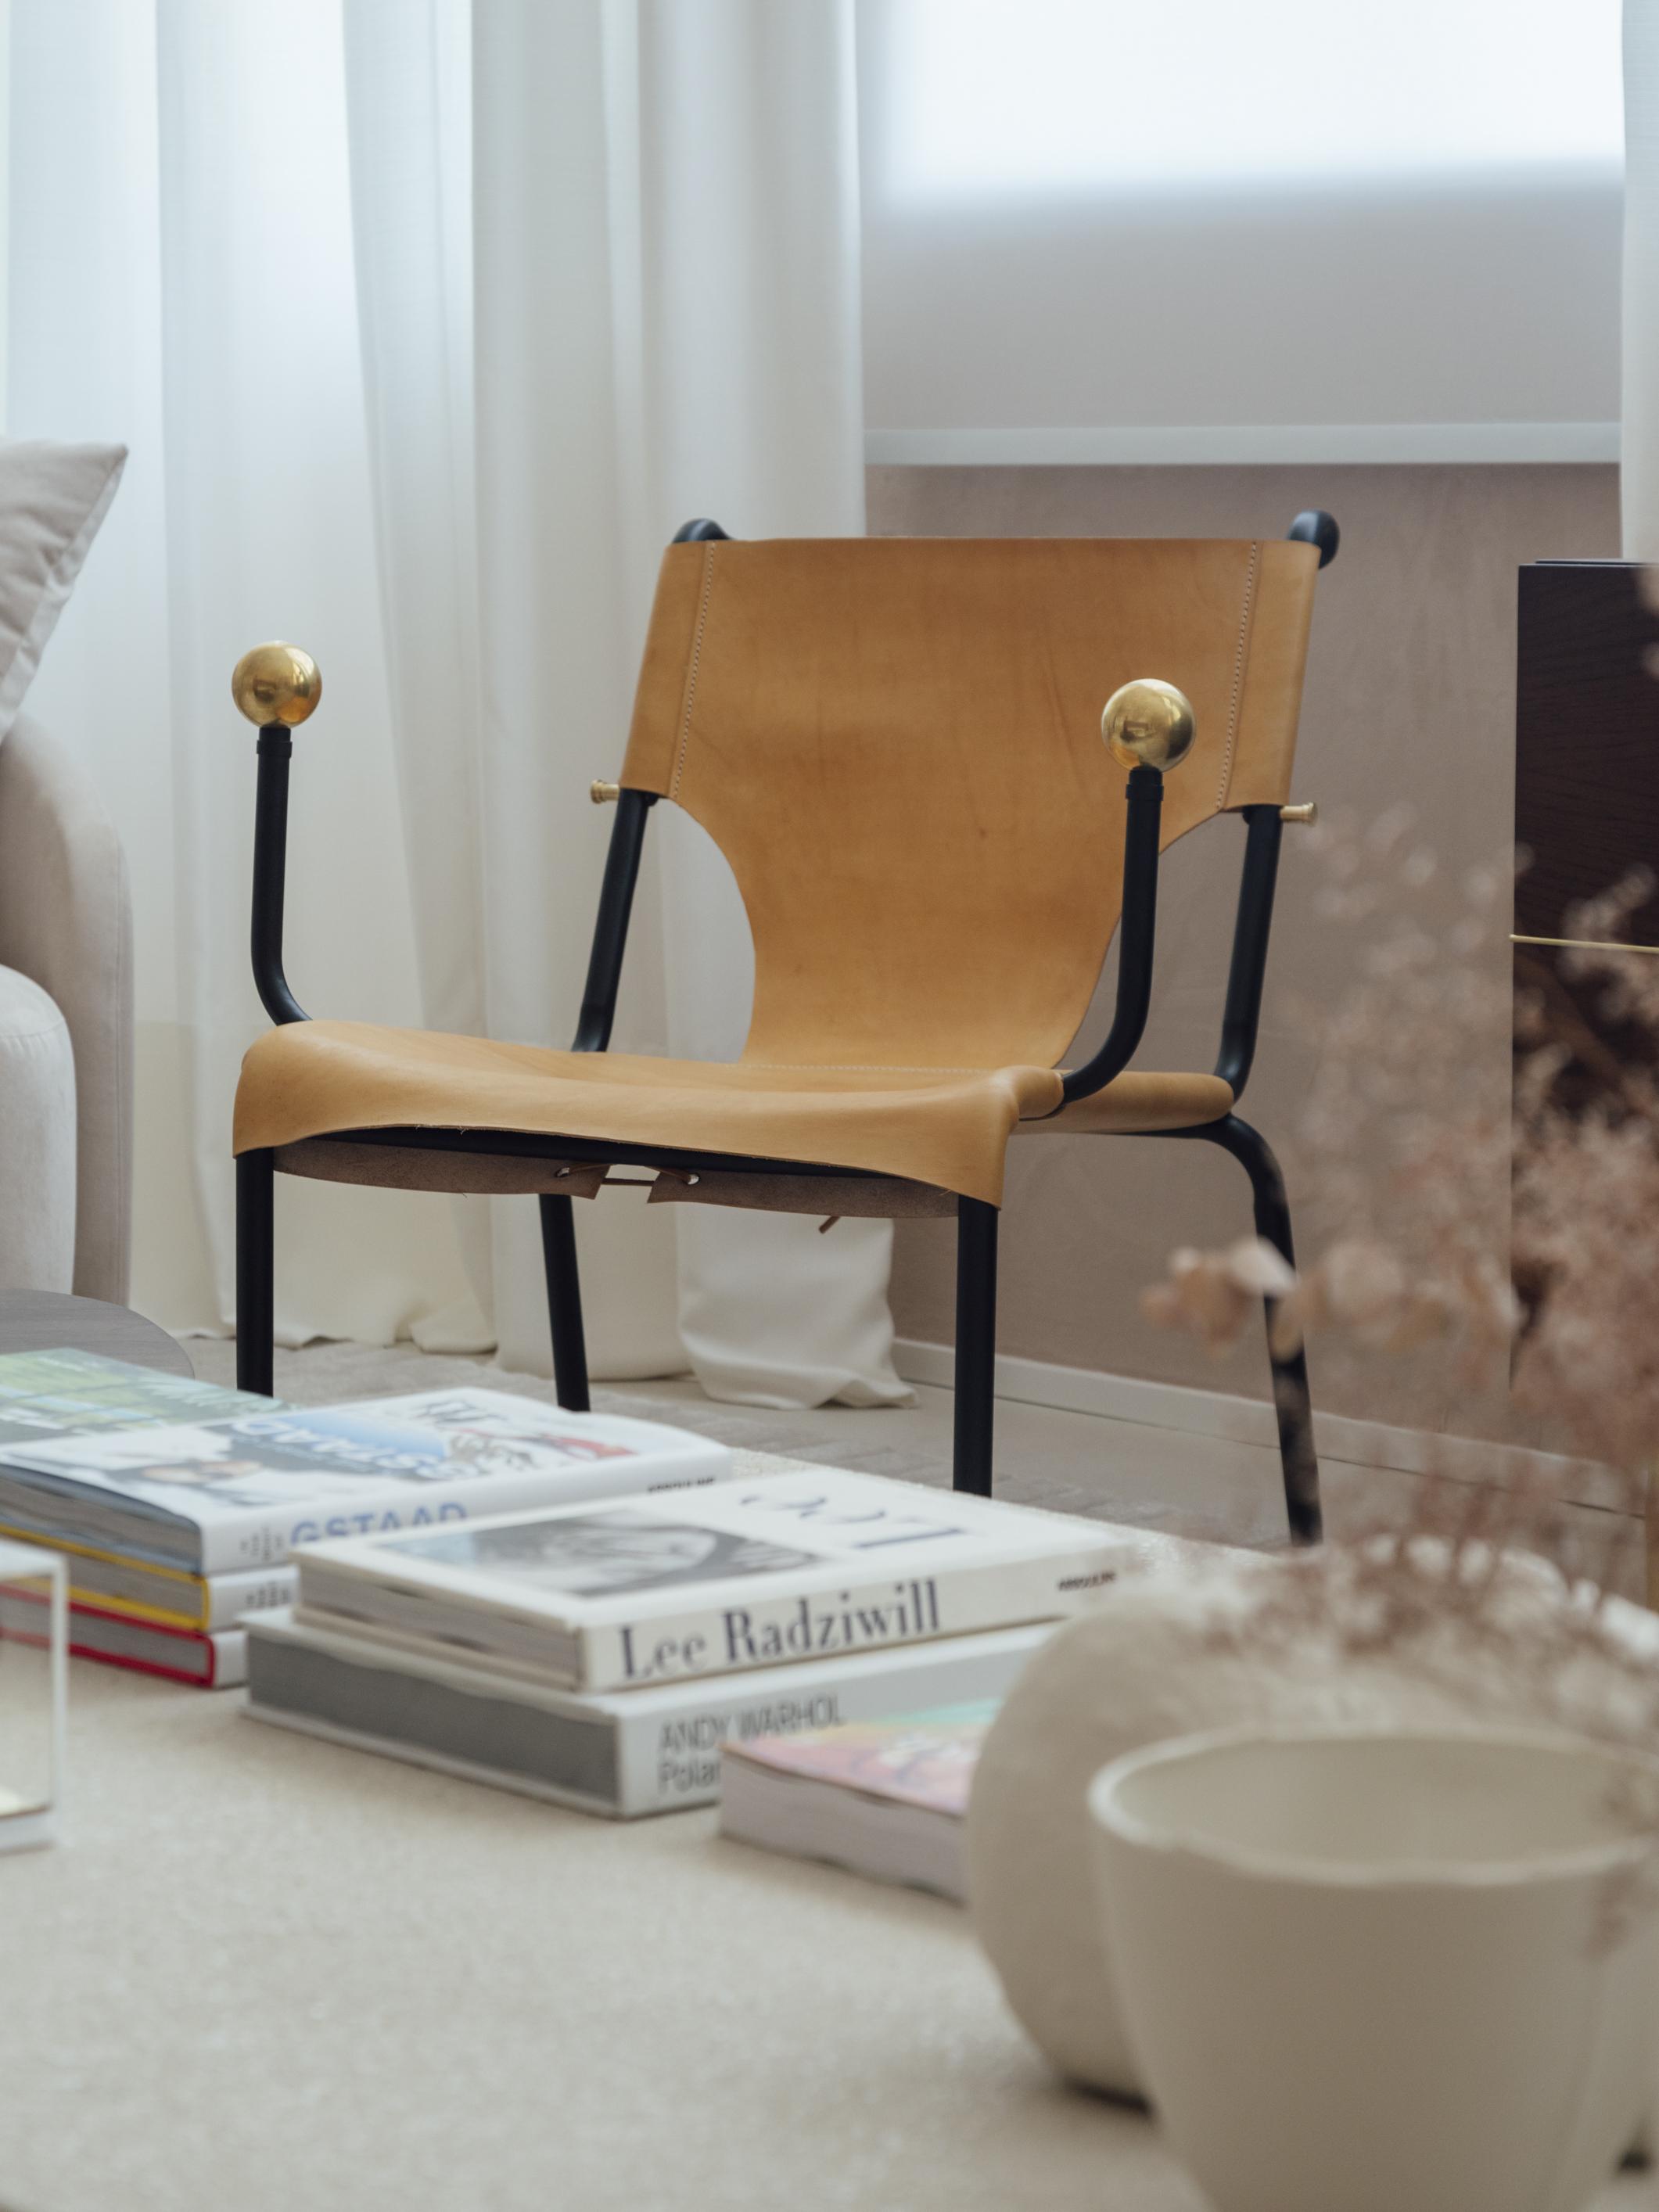 cadeira bola de latao lina bo bardi casacor poltrona